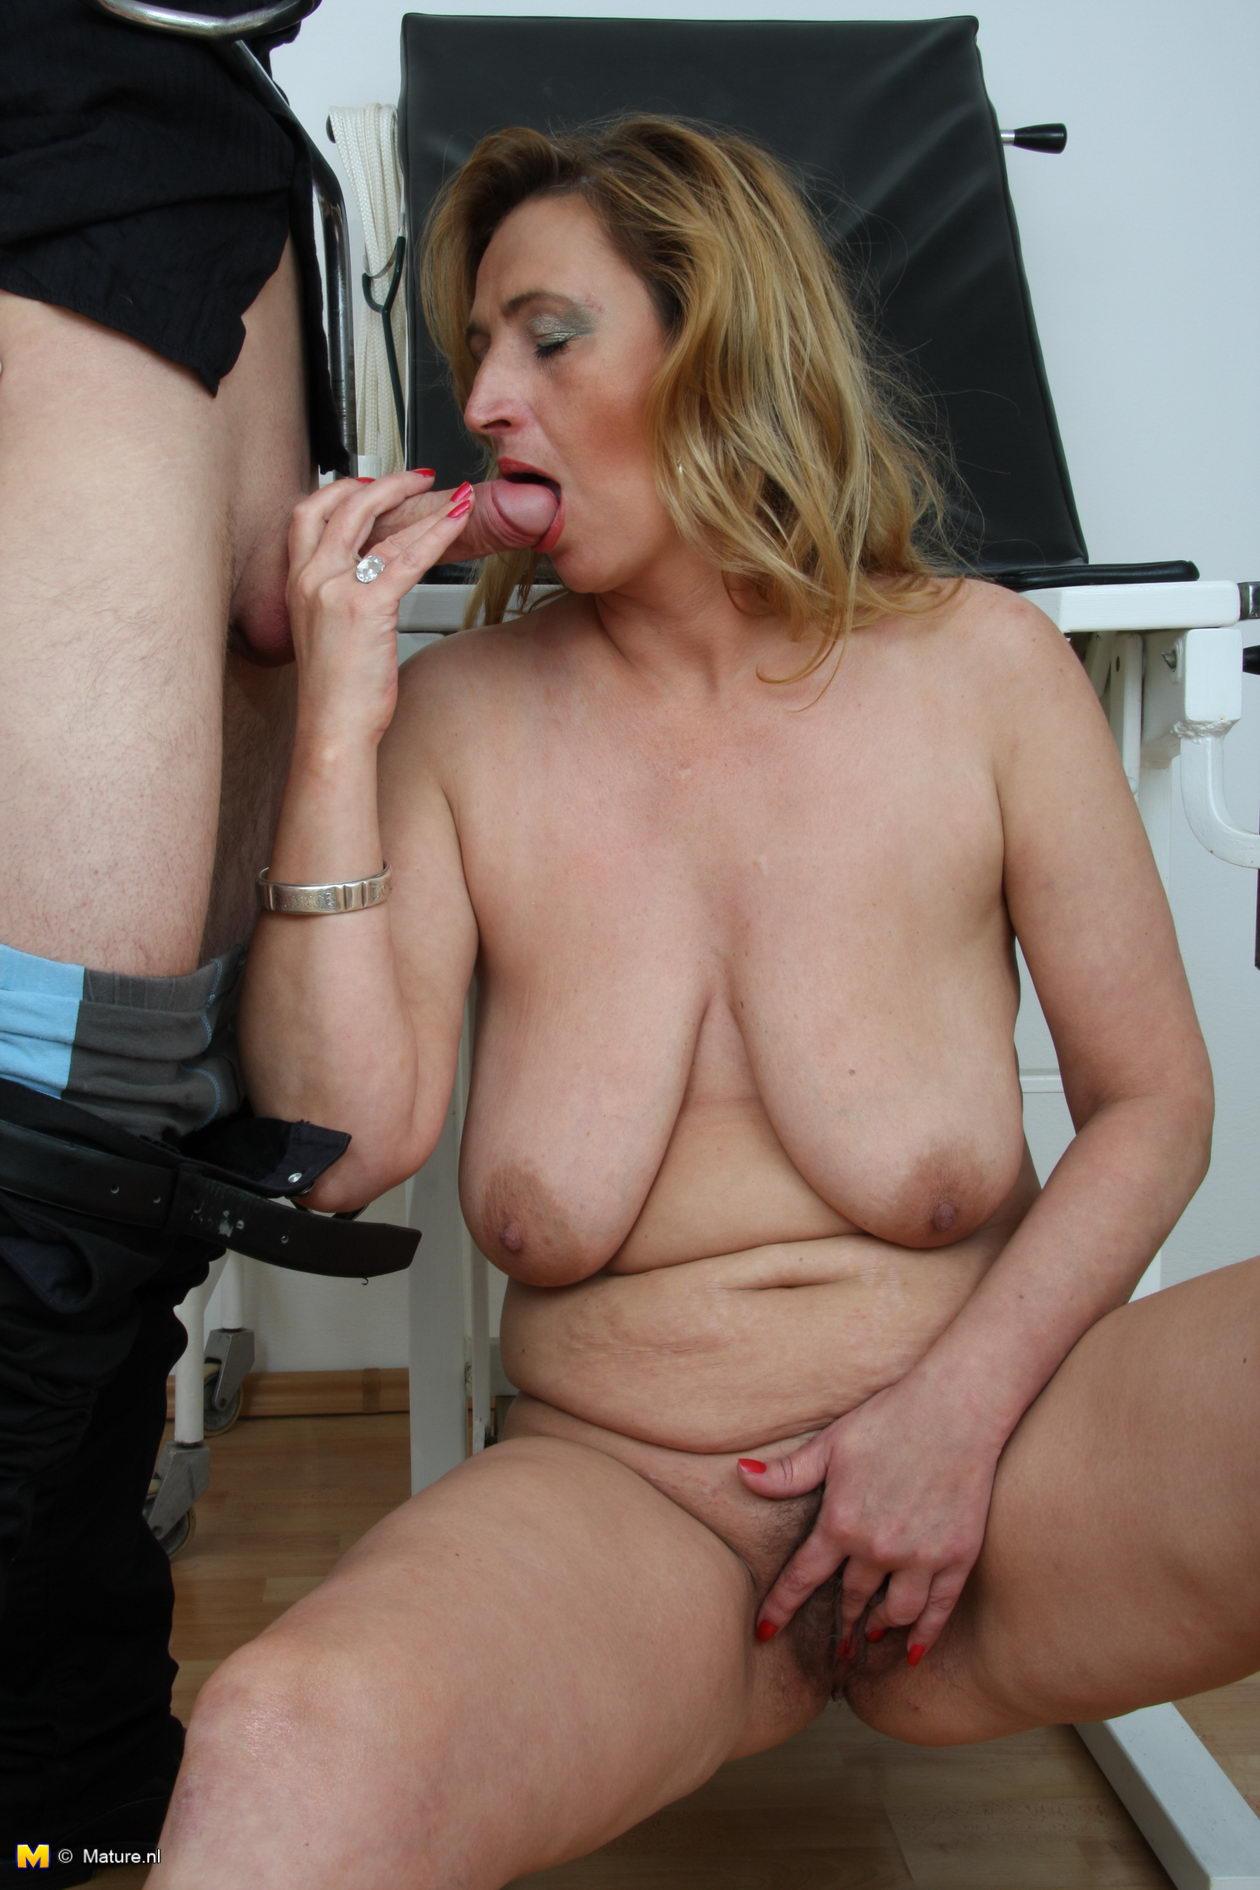 Porn of the girls next door